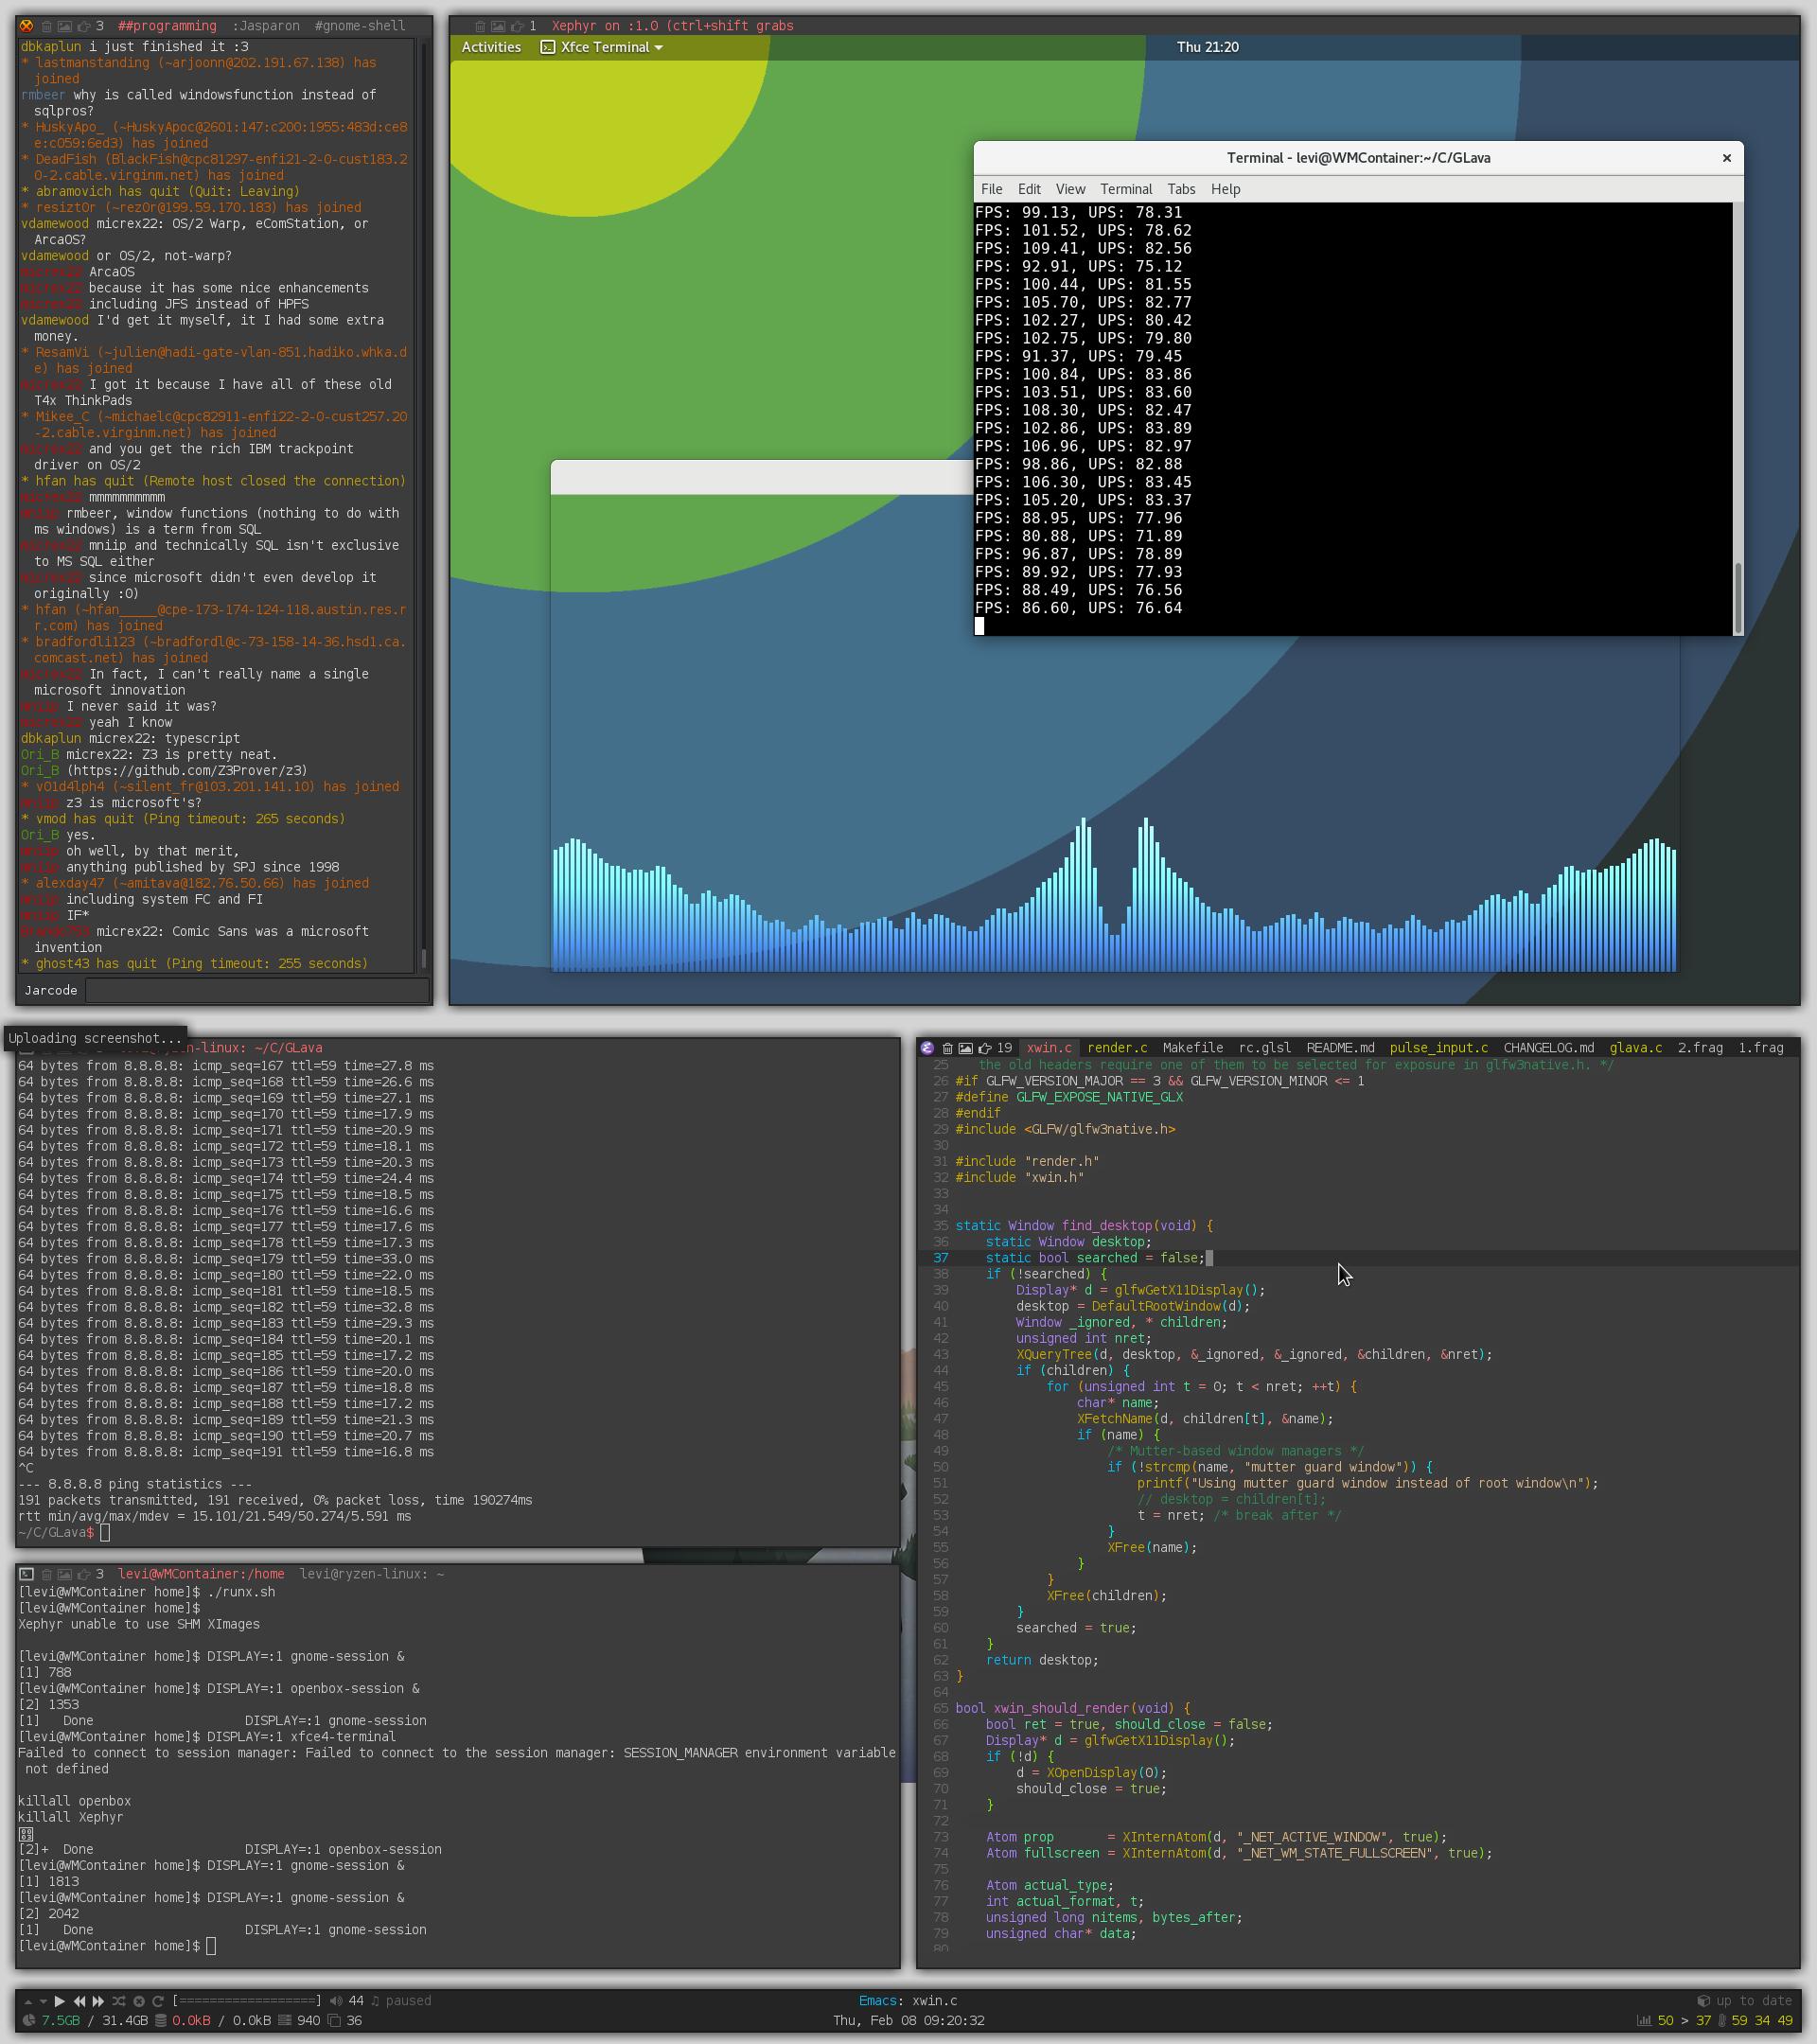 xroot' opacity broken on Mutter (GNOME, Budgie desktop